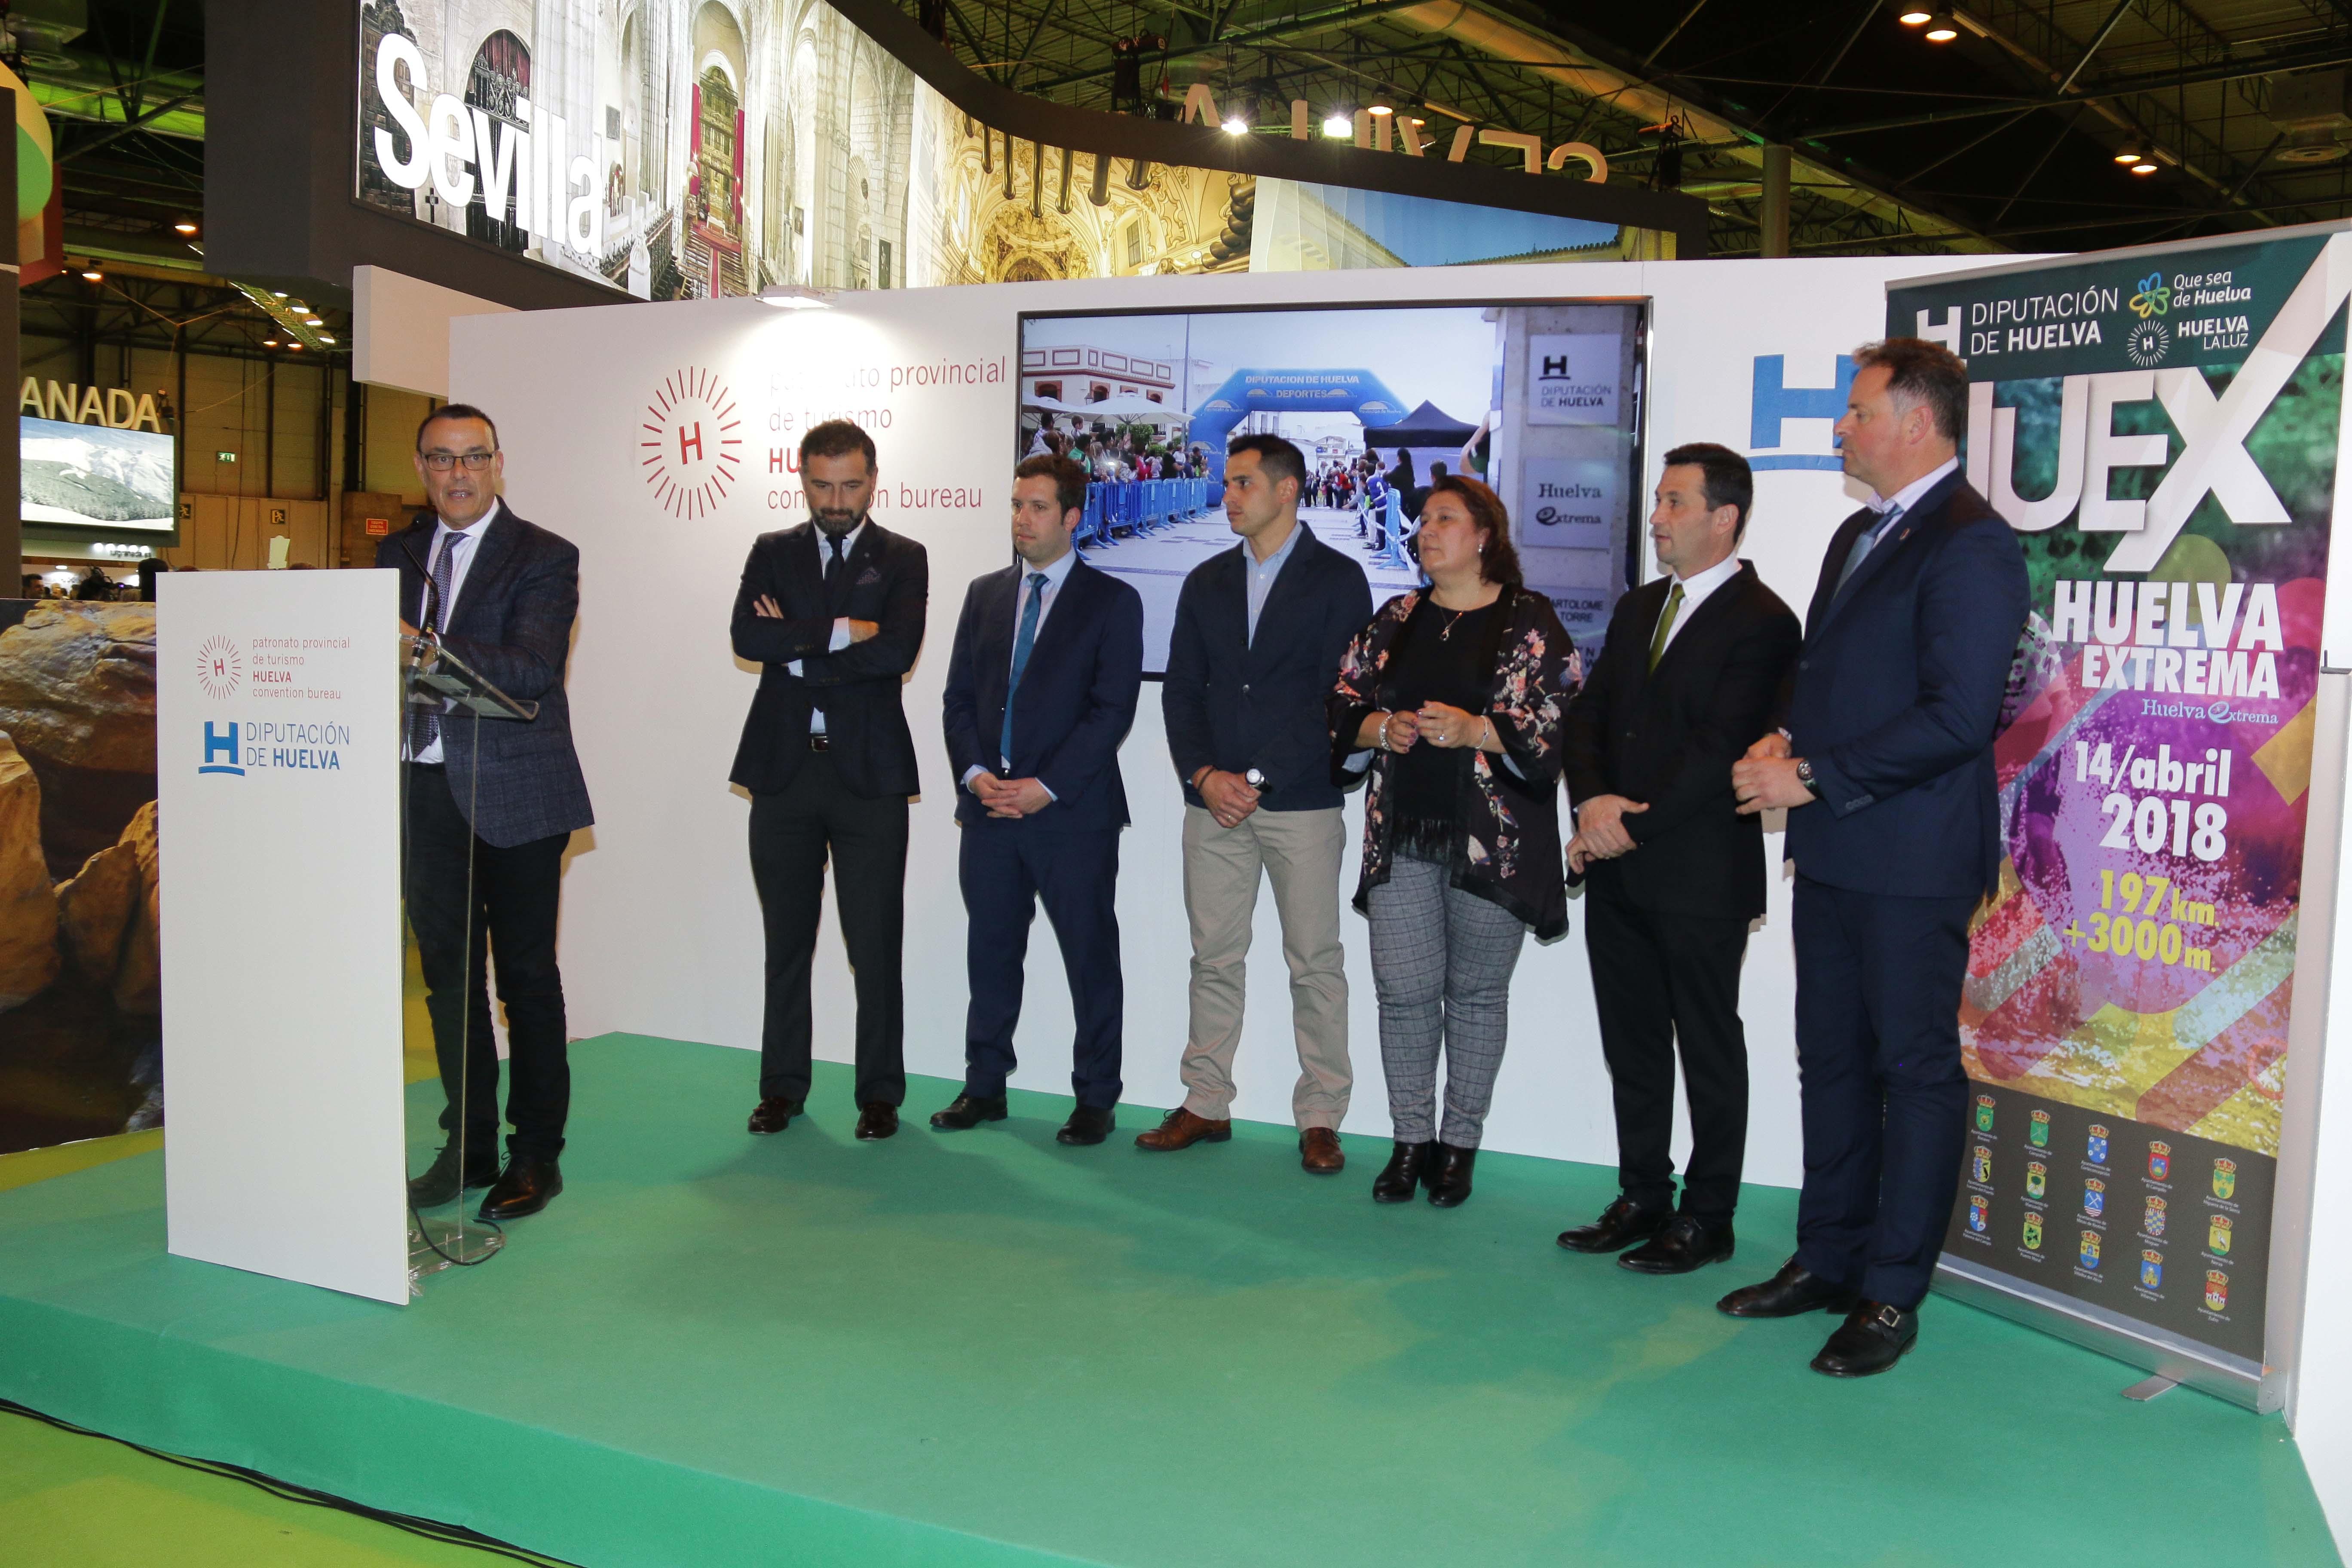 Foto presentacion Huelva Extrema 2